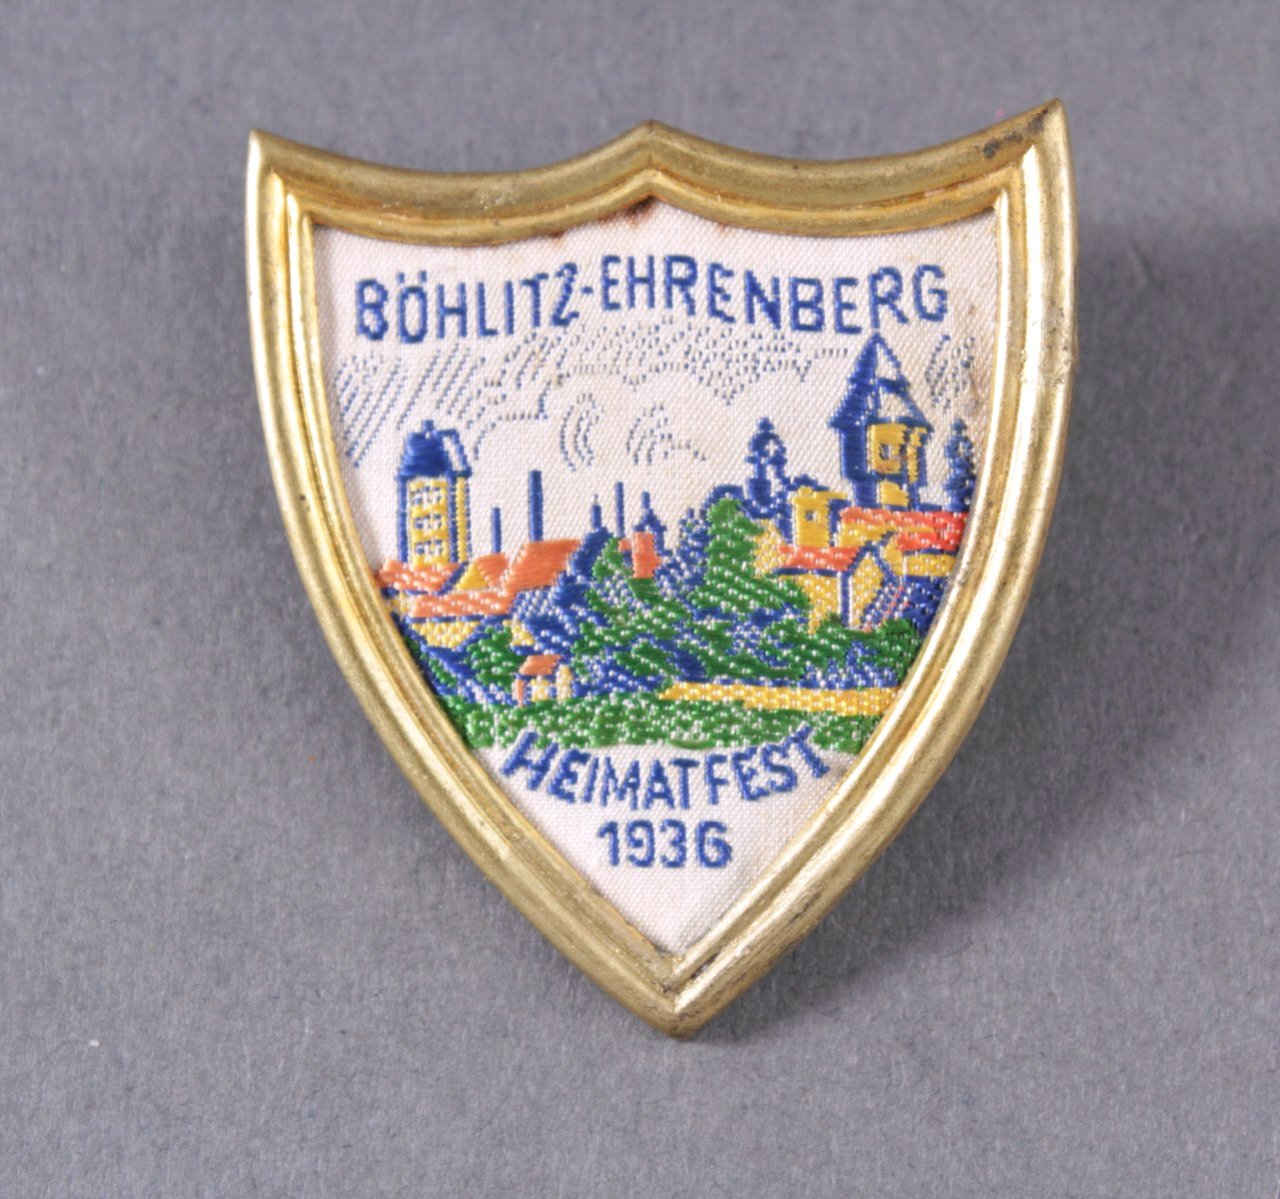 Abzeichen Böhlitz-Ehrenberg Heimatfest 1936